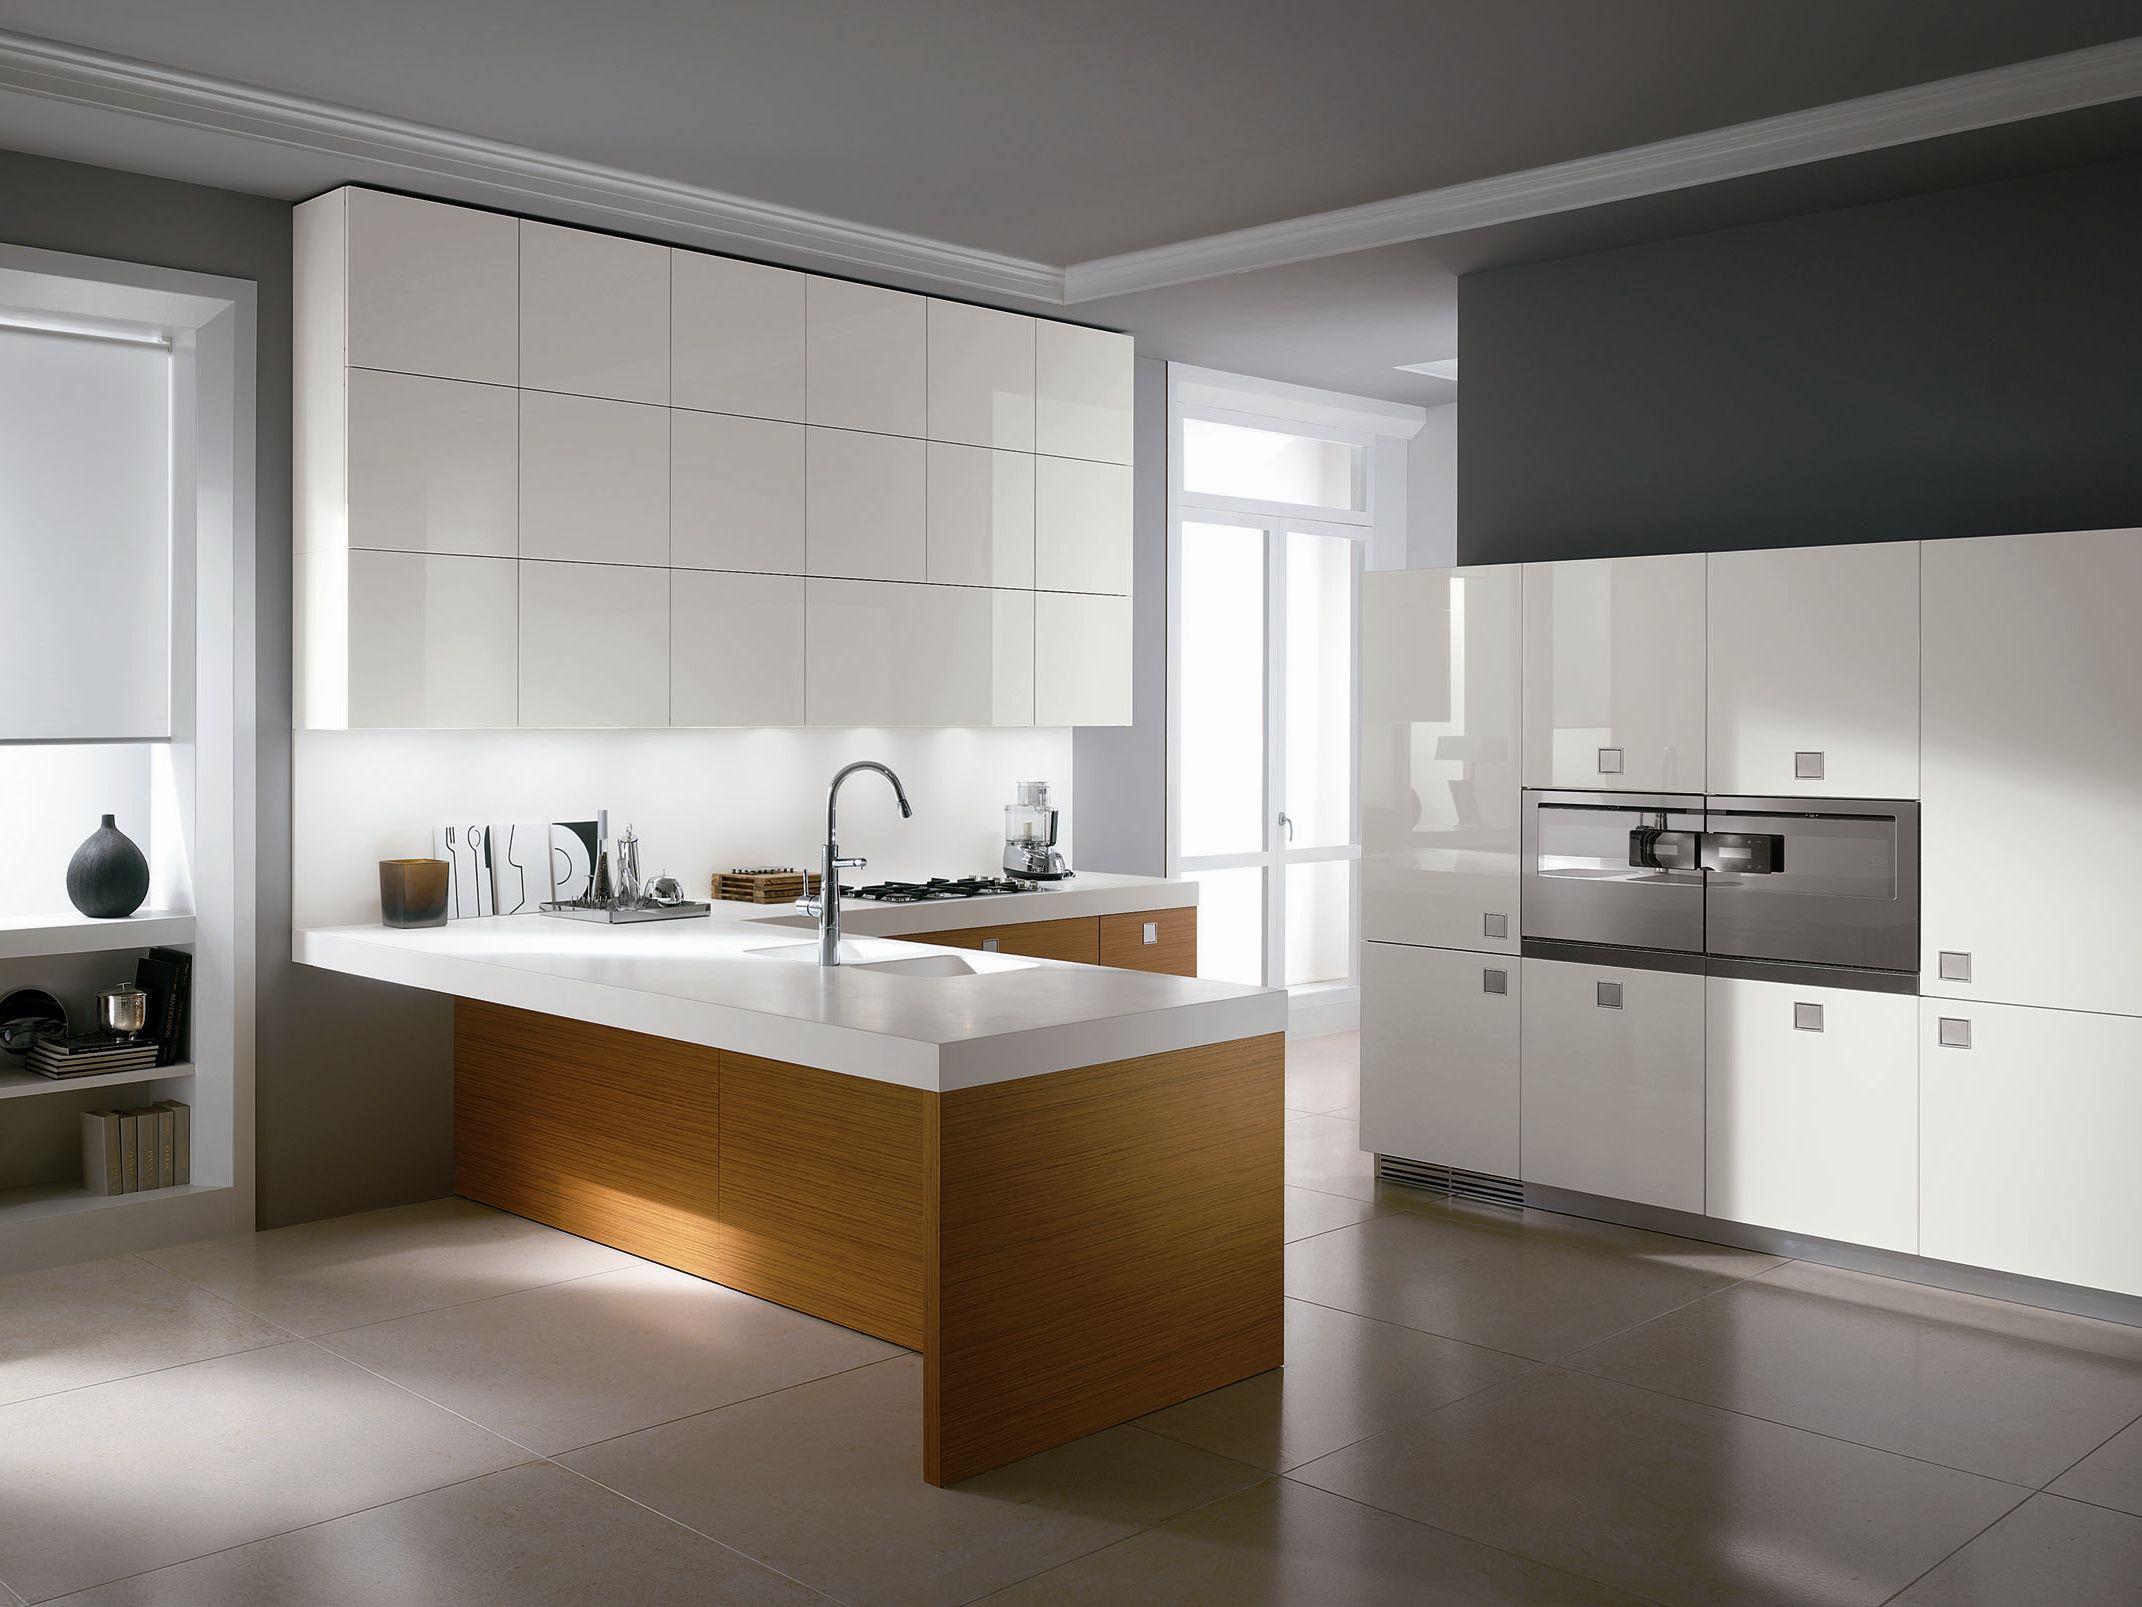 Cucina laccata in rovere con maniglie silverbox high - Maniglie cucina acciaio ...